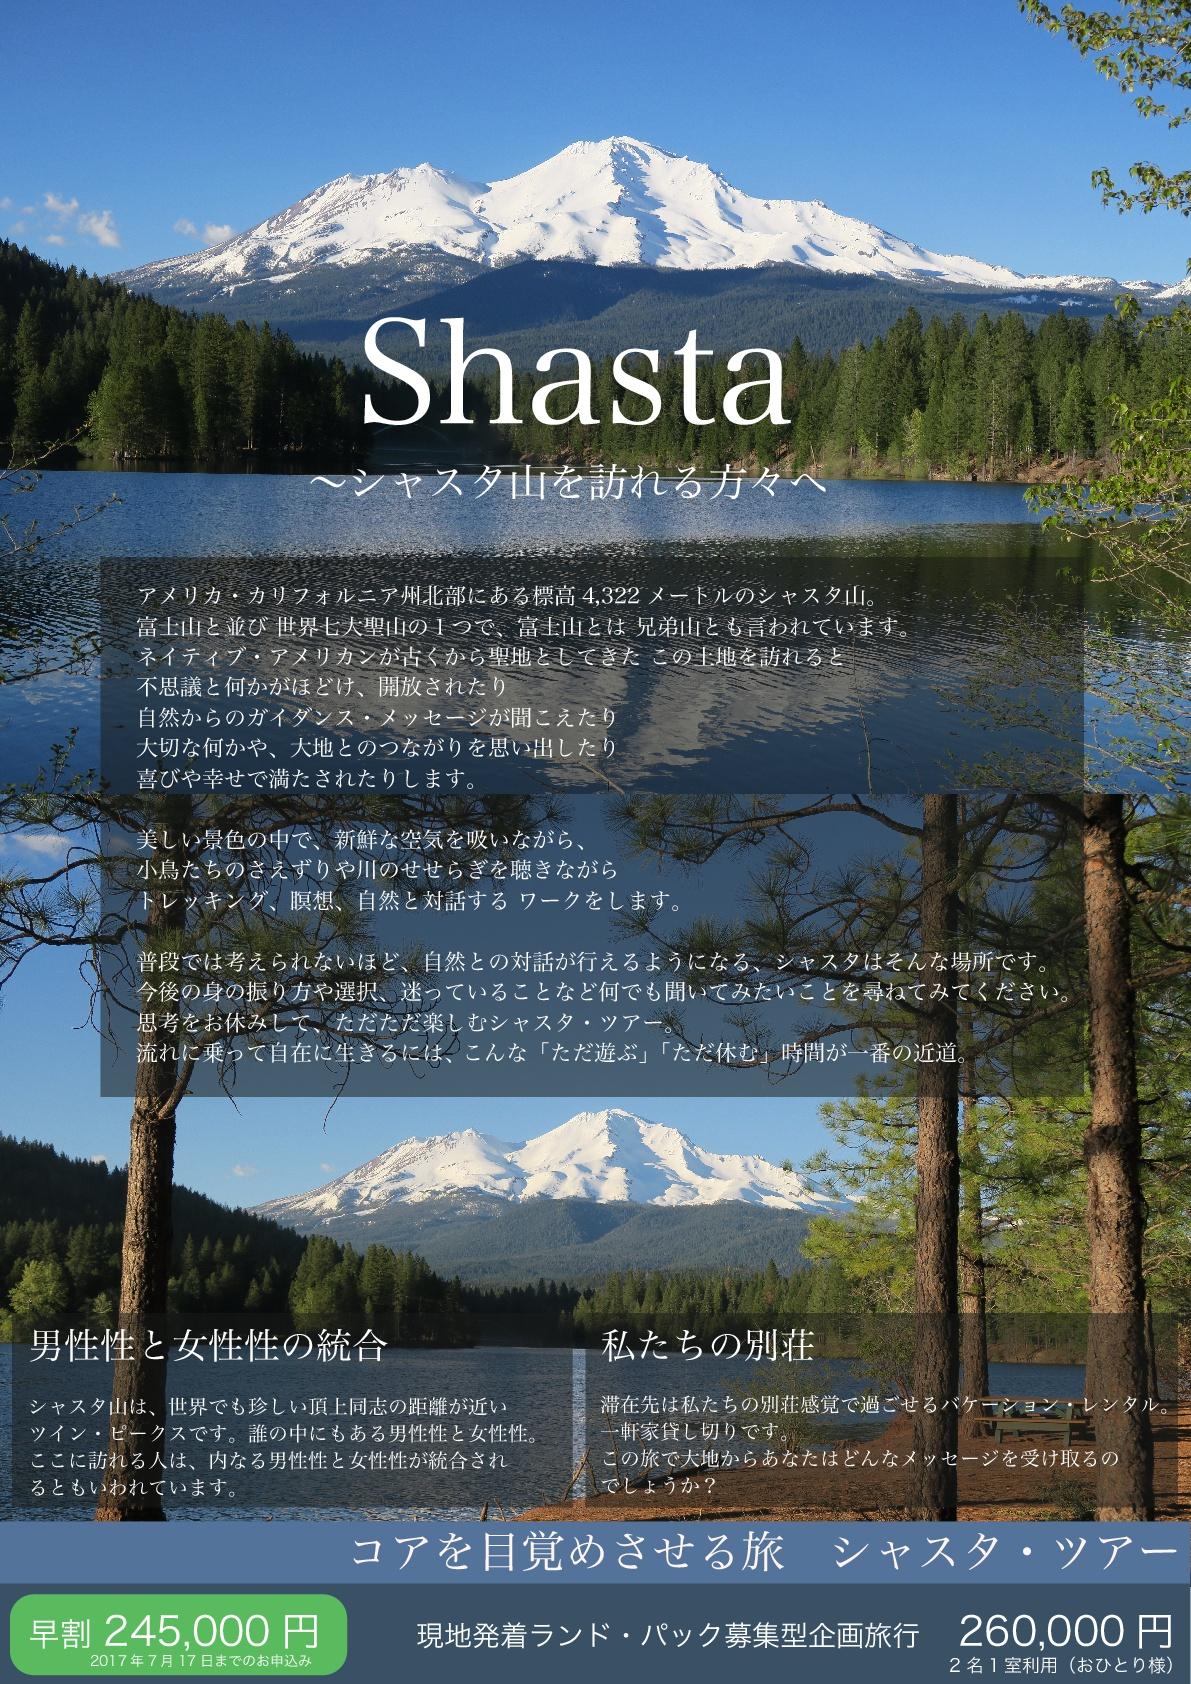 シャスタツアー表2017-001